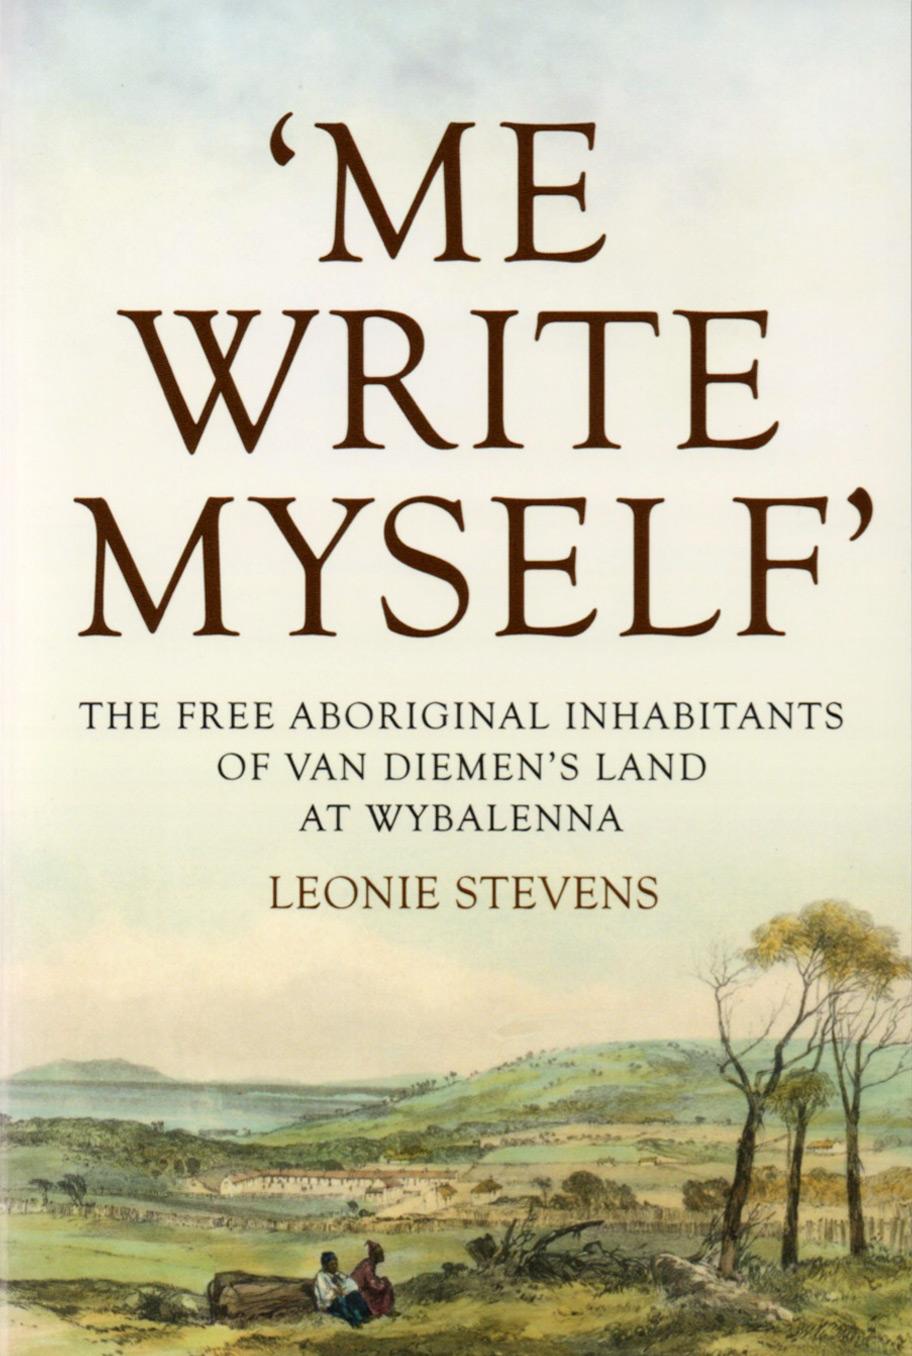 Me Write Myself - the Free Aboriginal Inhabitants of Van Diemen's Land at Wybalenna